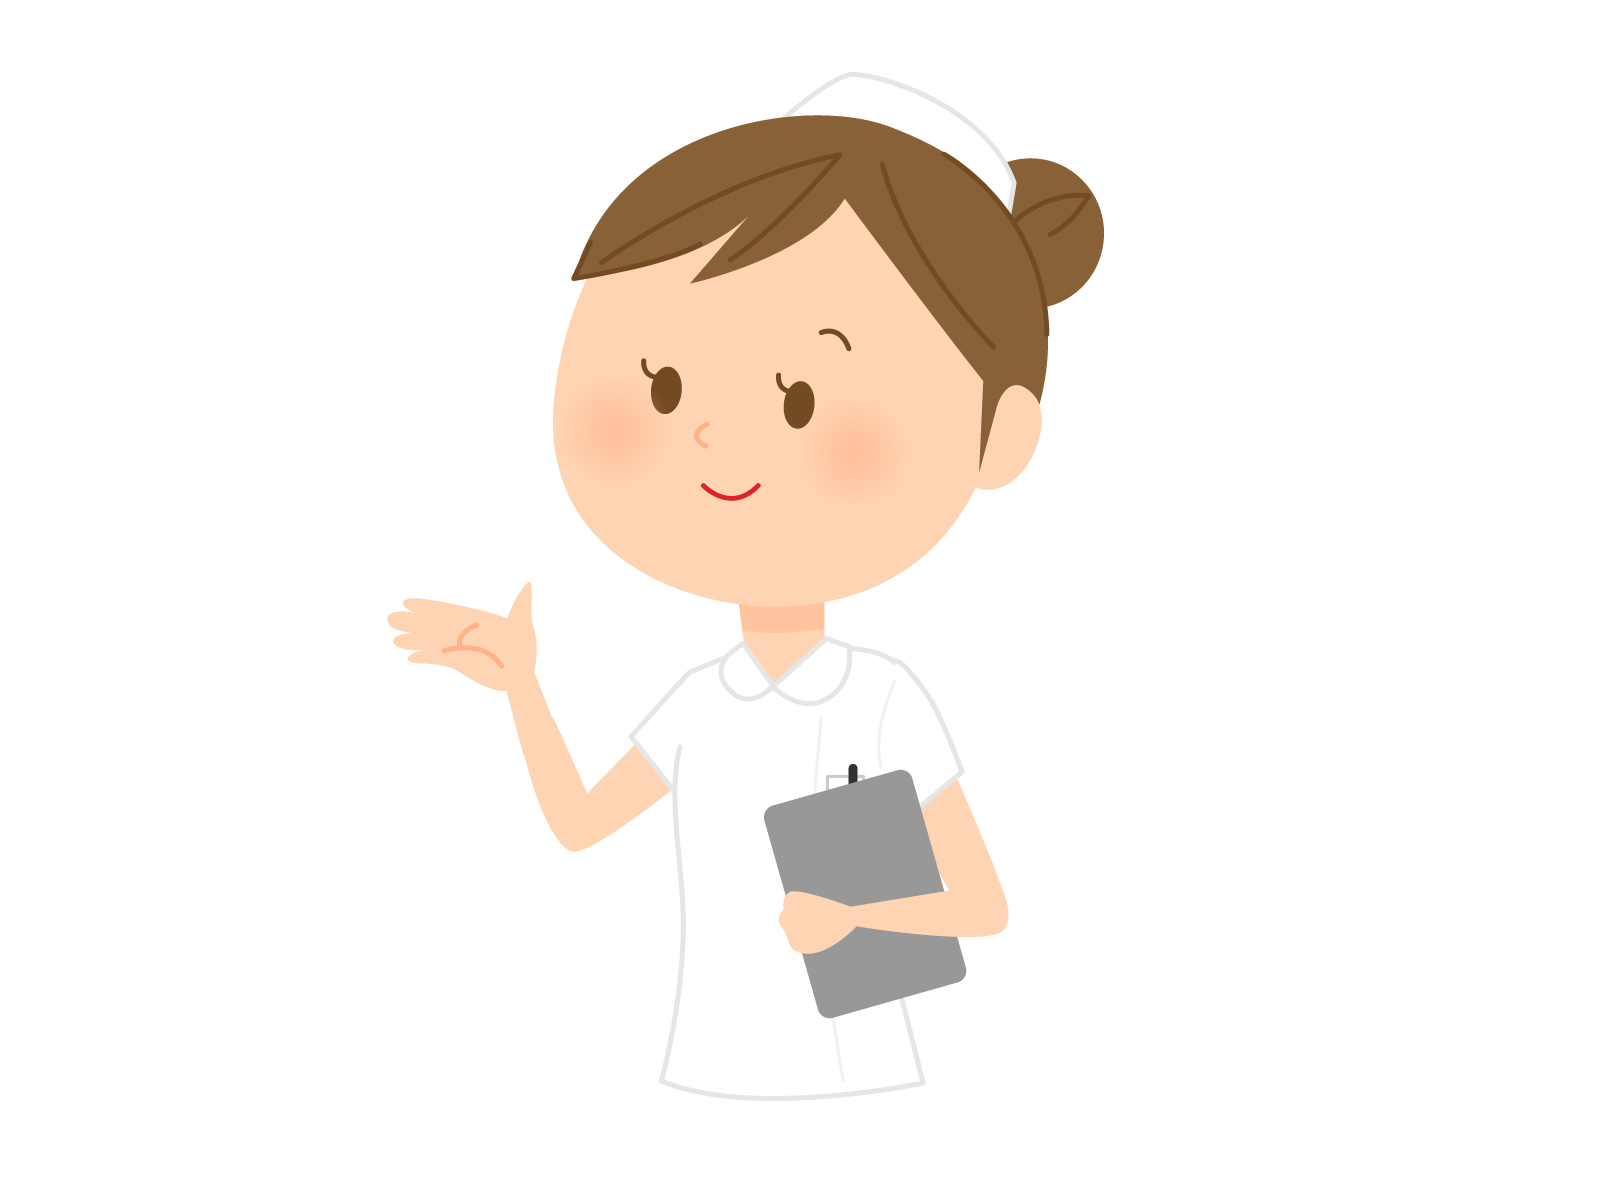 看護師の美佐です。